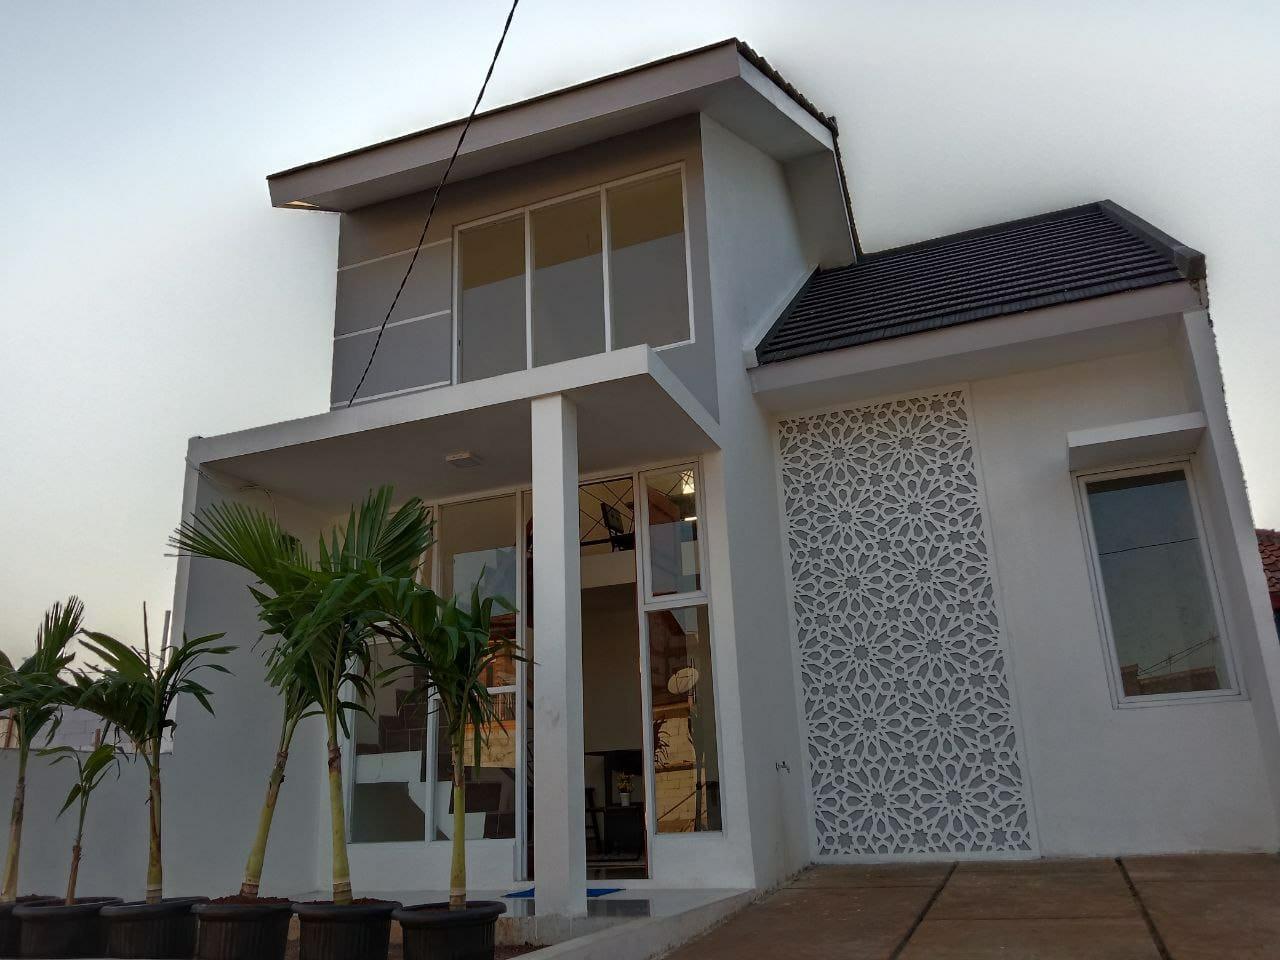 perumahan syariah bekasi - perumahan syariah tambun - progres rumah contoh 2 - green jatimulya - davpropertysyariah